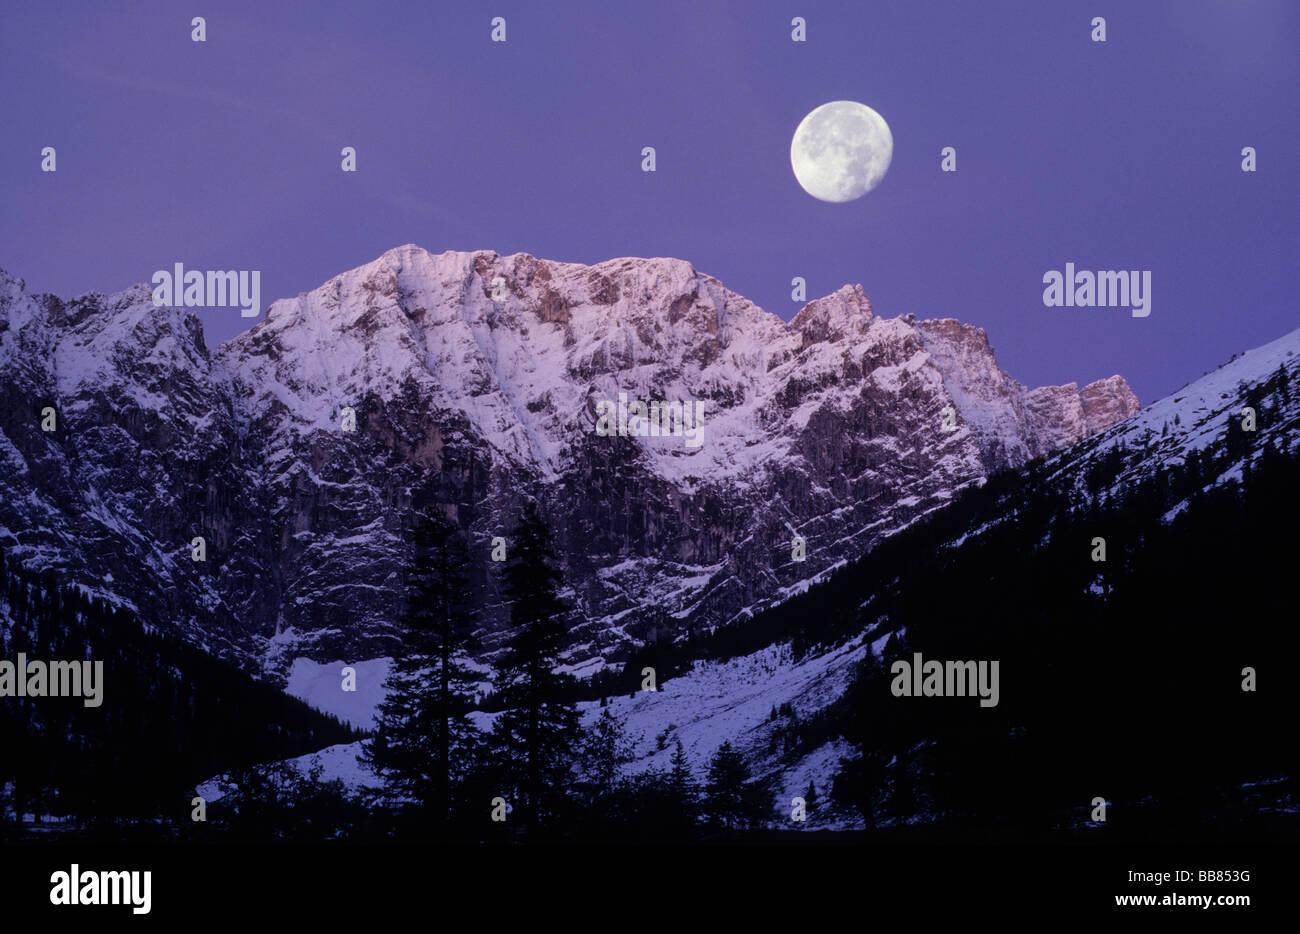 Karwendel Range in morning light, full moon, Eng, Tyrol, Austria, Europe - Stock Image